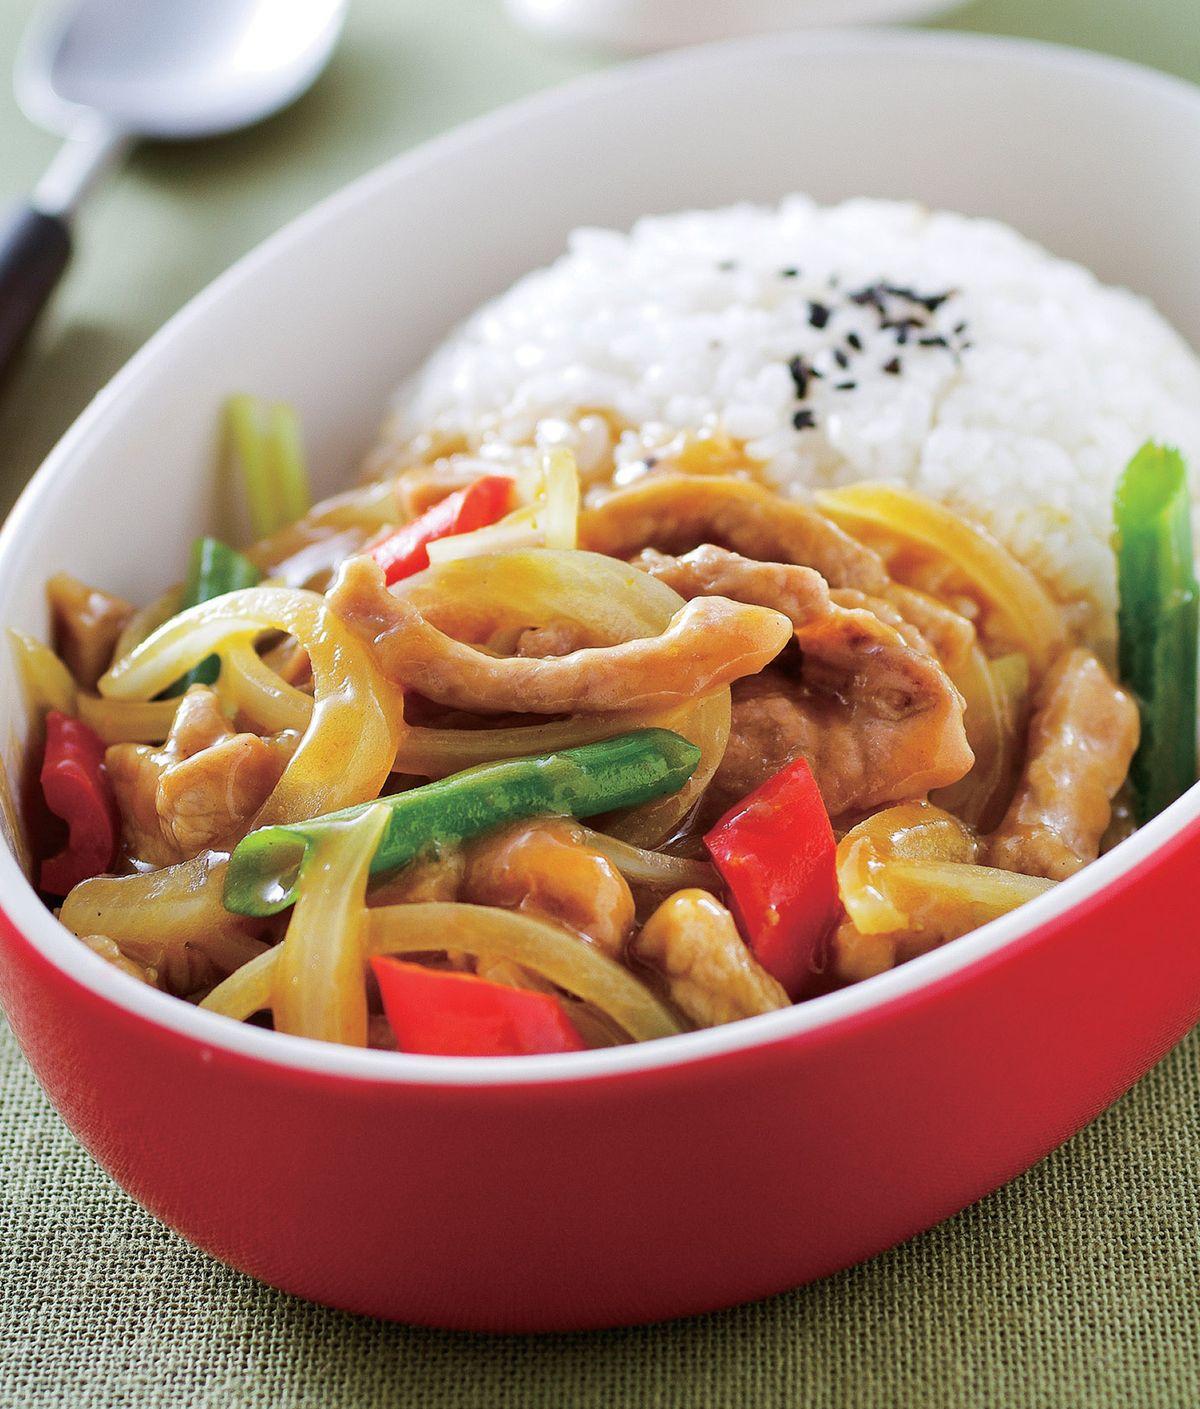 食譜:洋蔥豬柳咖哩燴飯